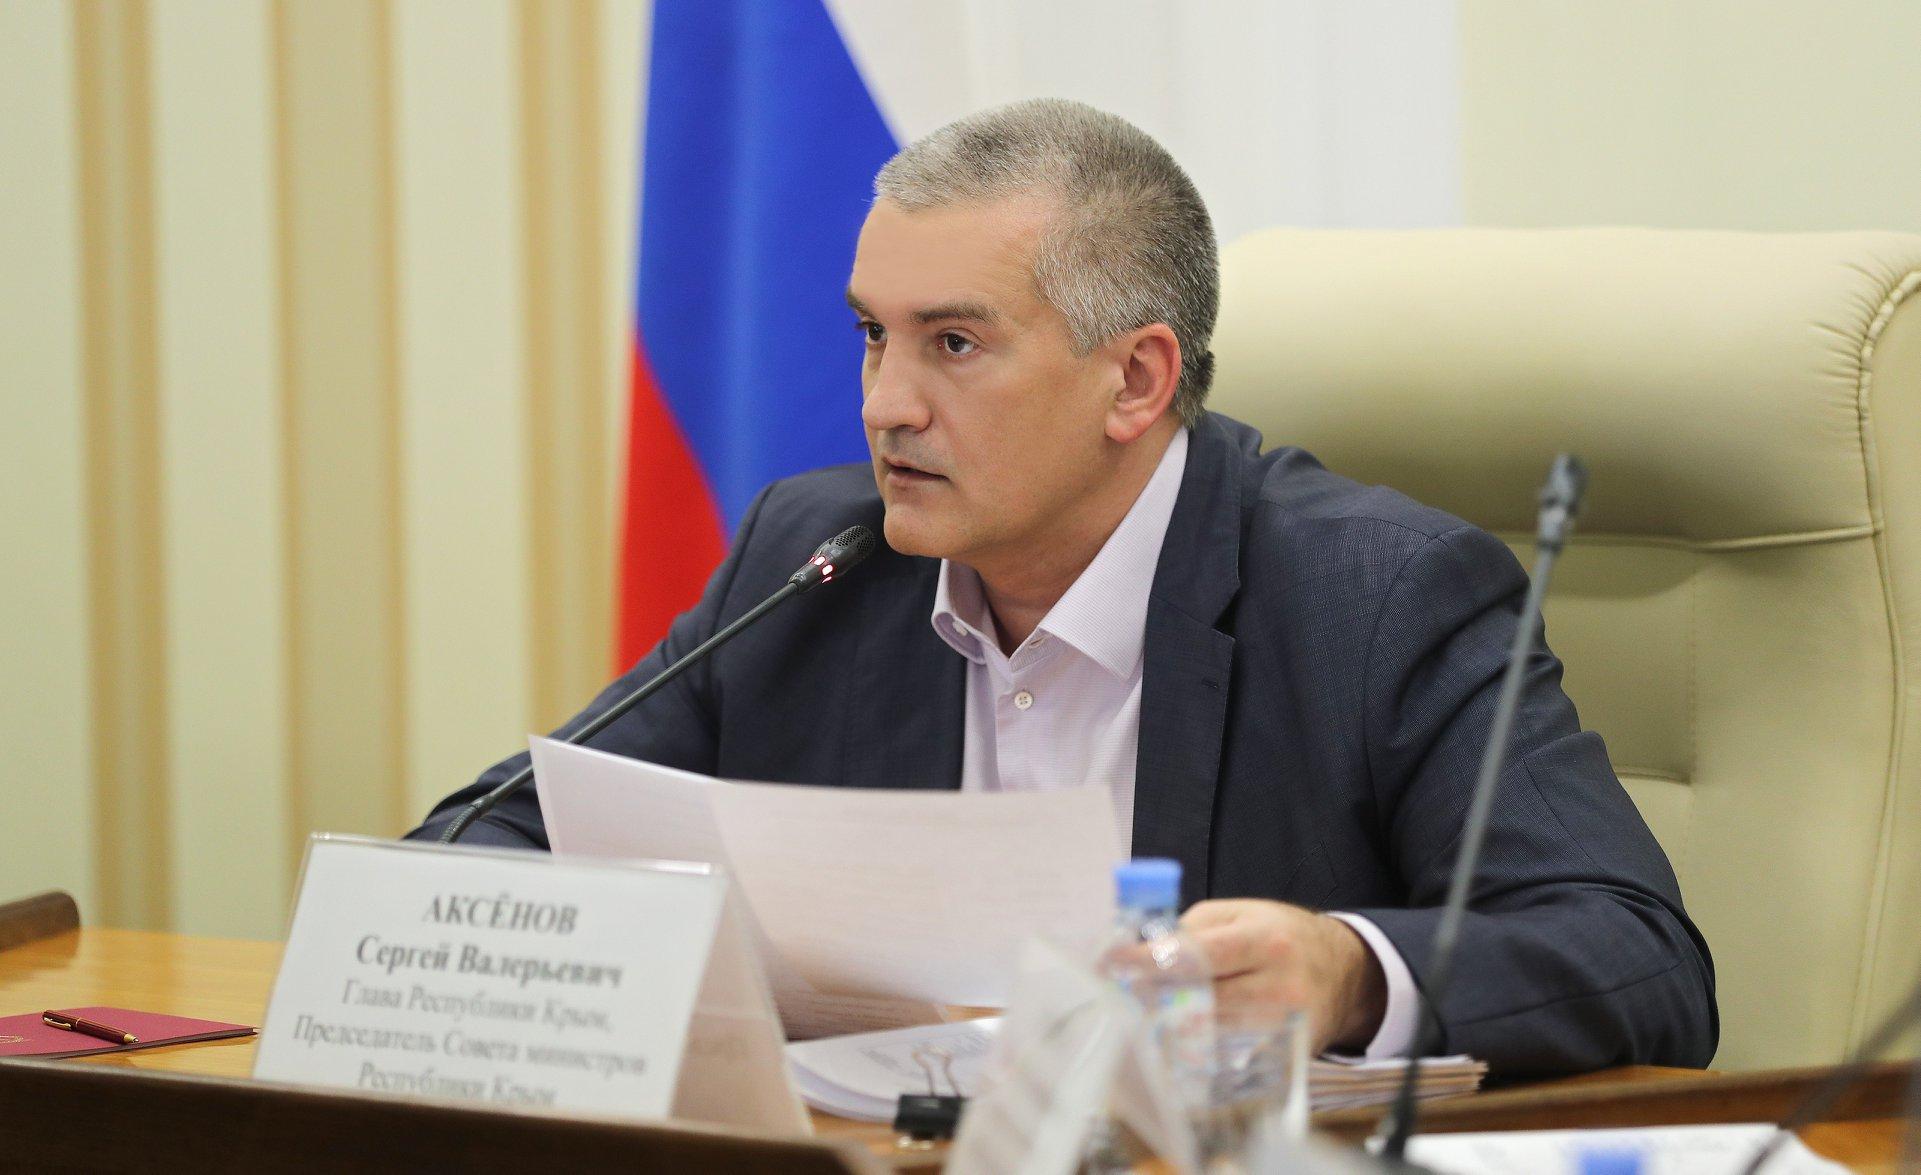 Сергей Аксенов:»Ни один дольщик не останется без поддержки!»